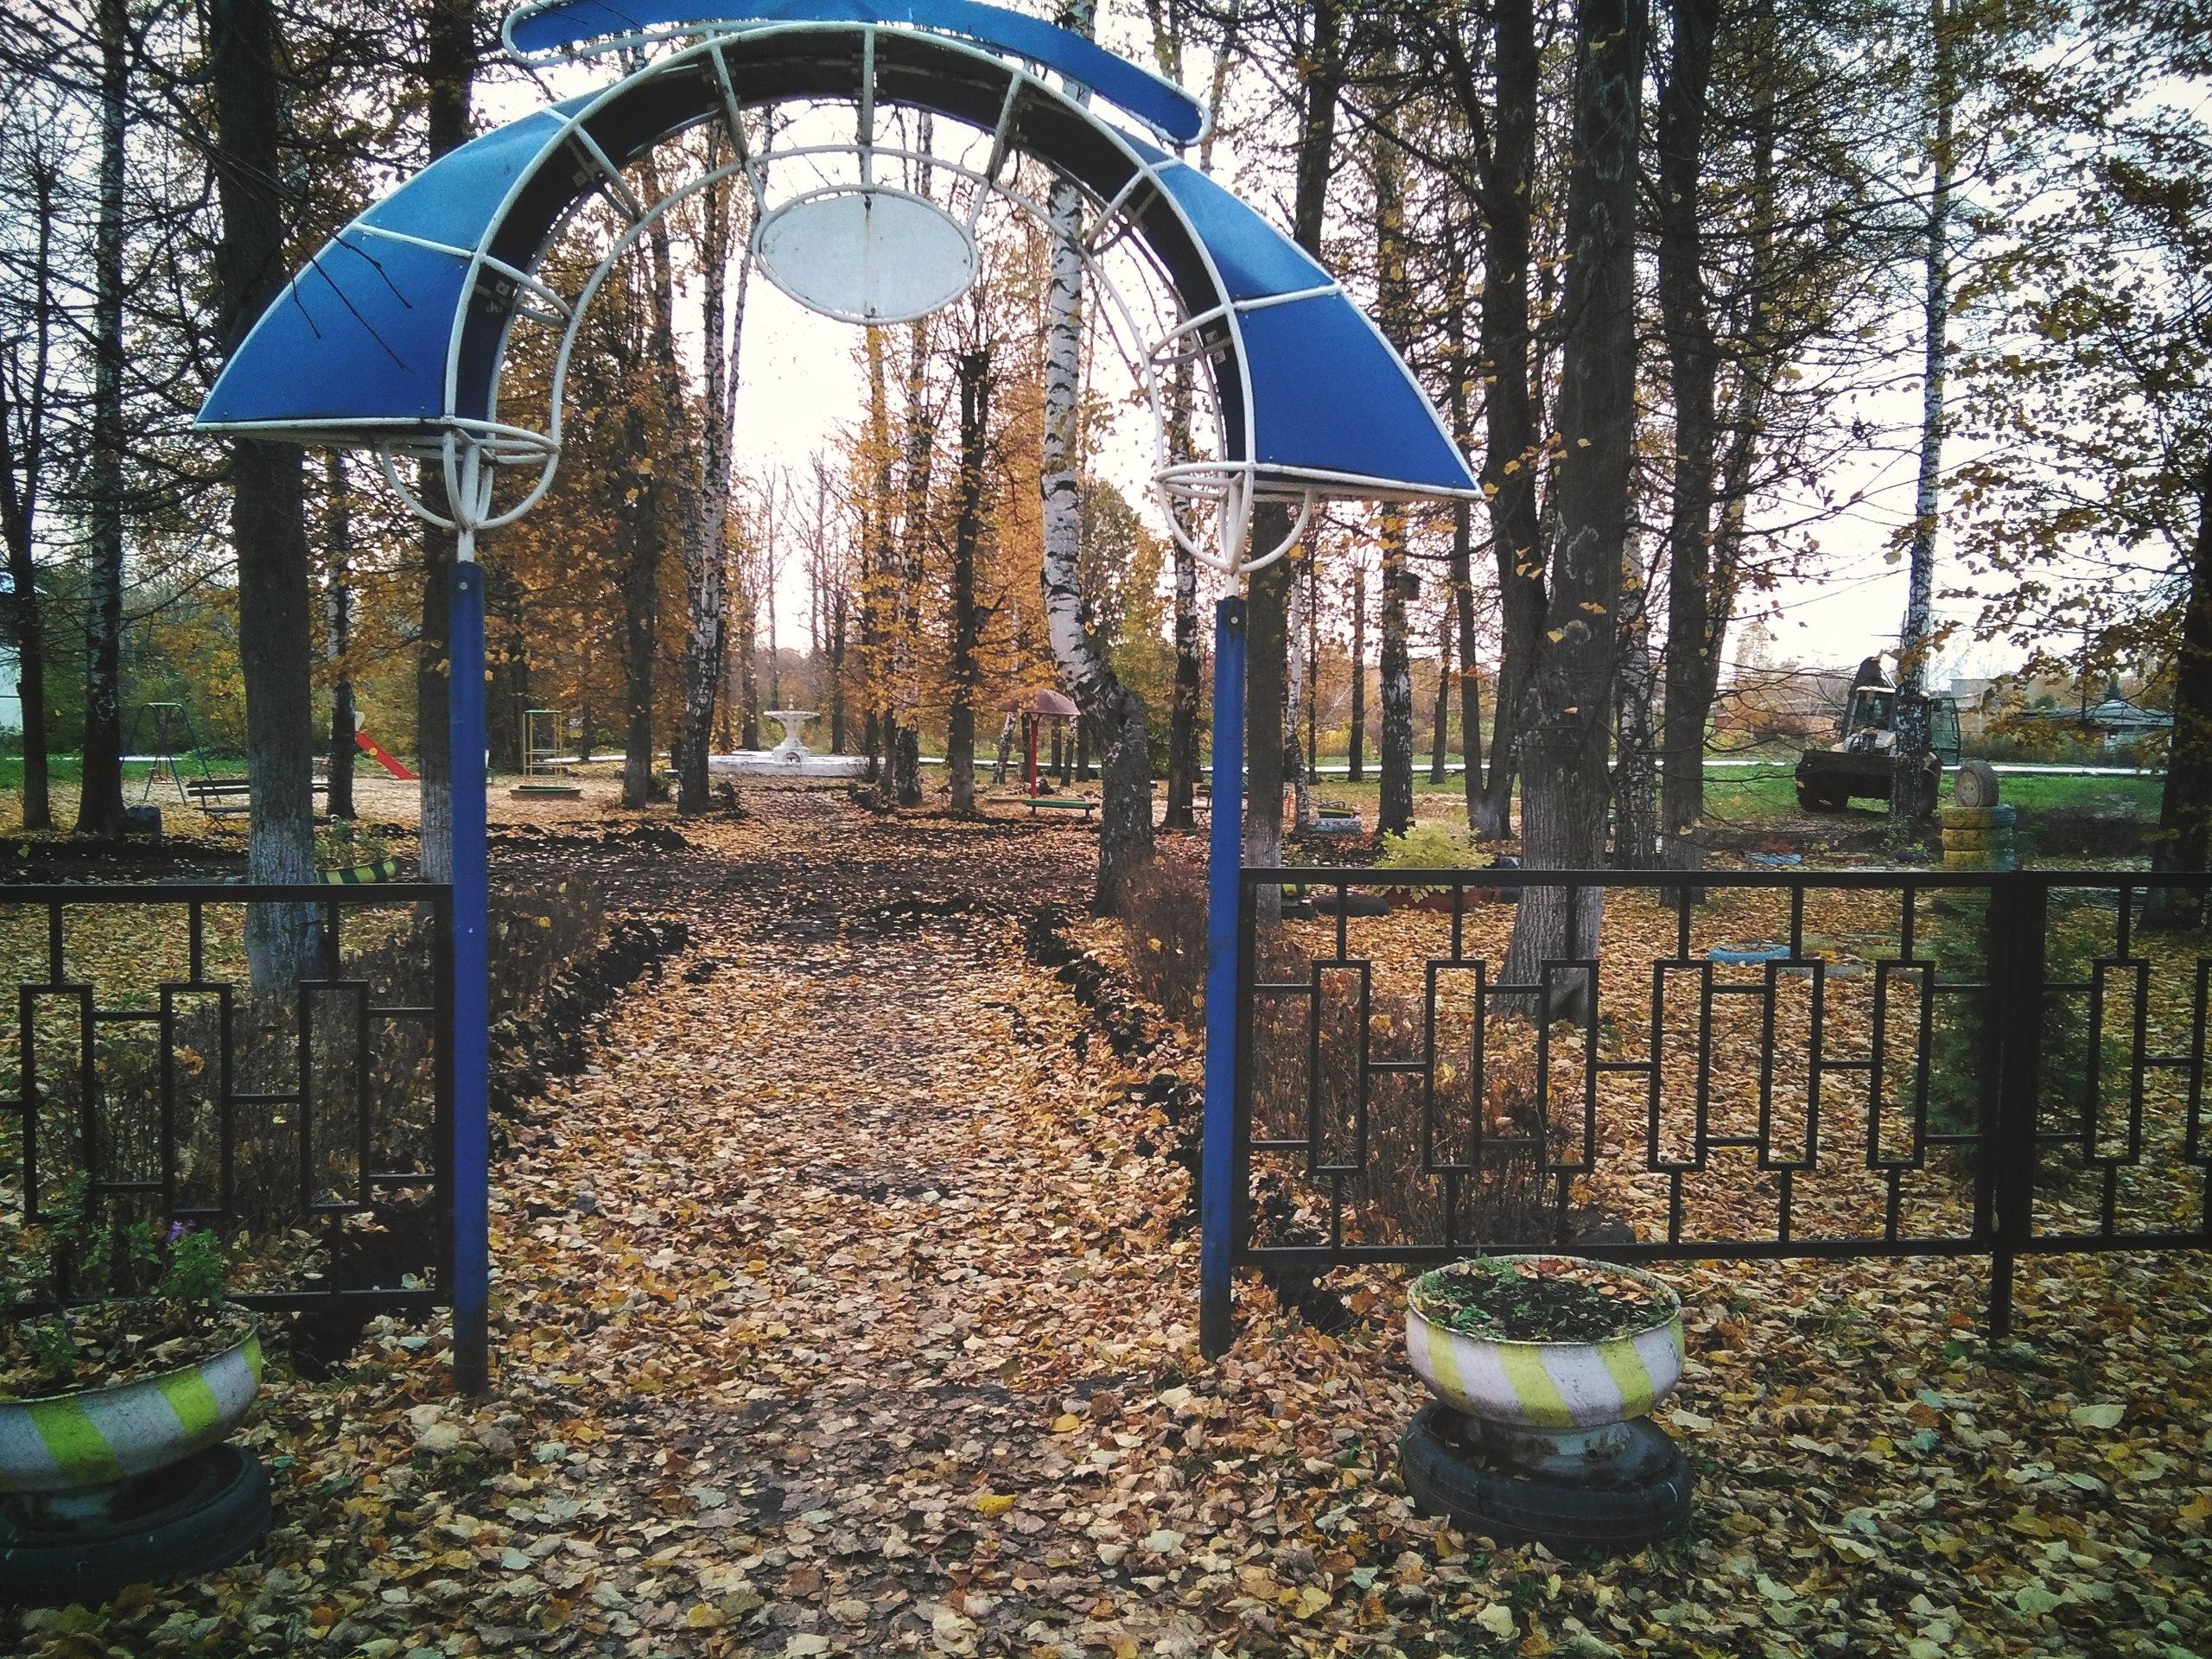 Установлен детский игровой городок во дворе дома № 8 по ул. Энтузиастов